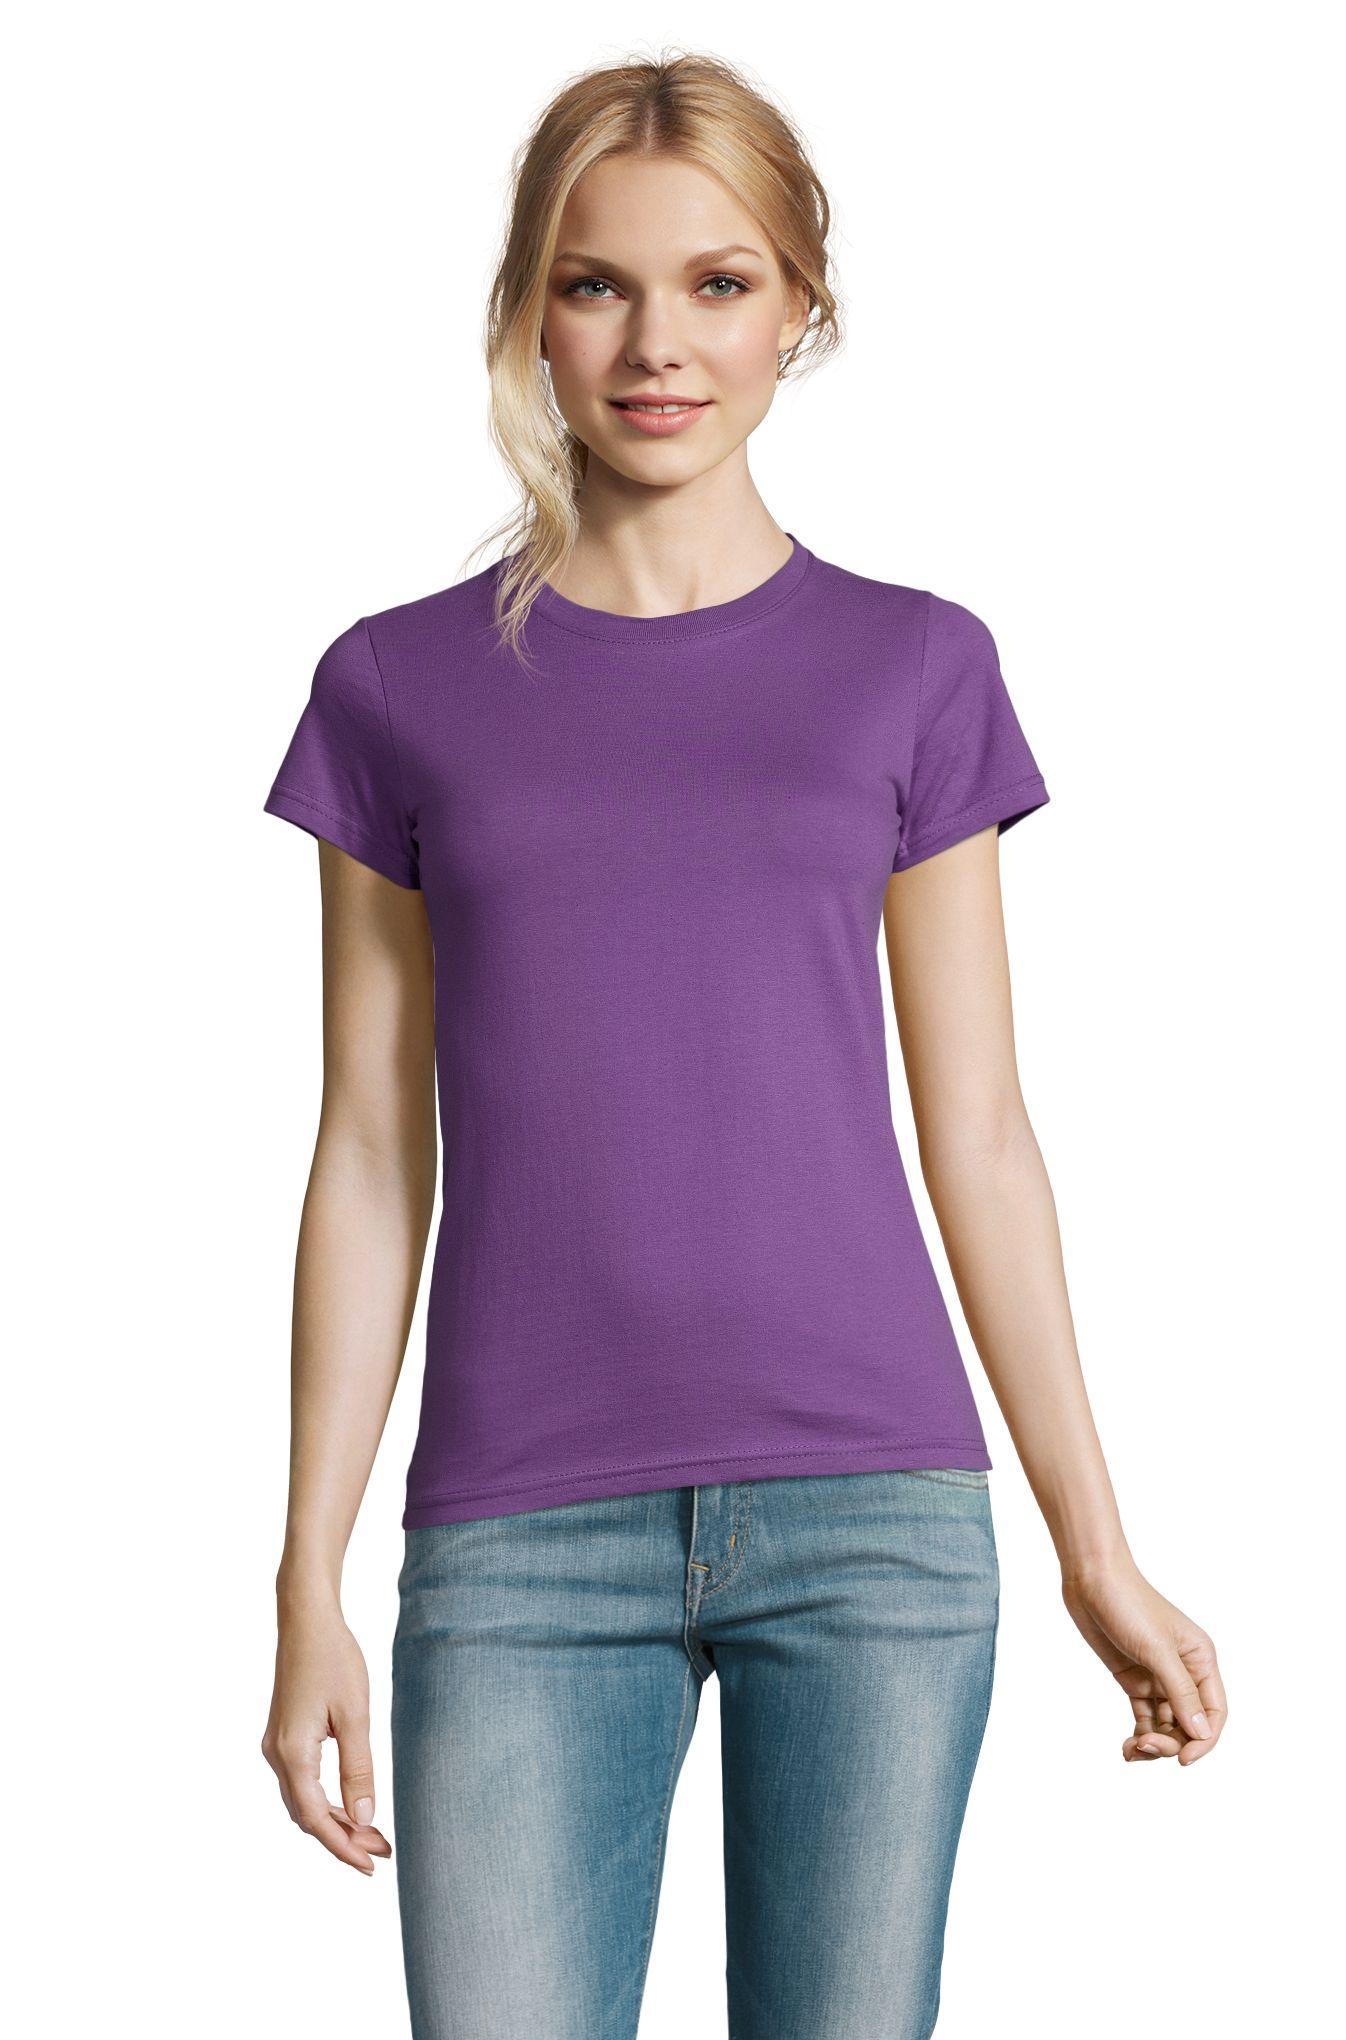 710 - Violet clair